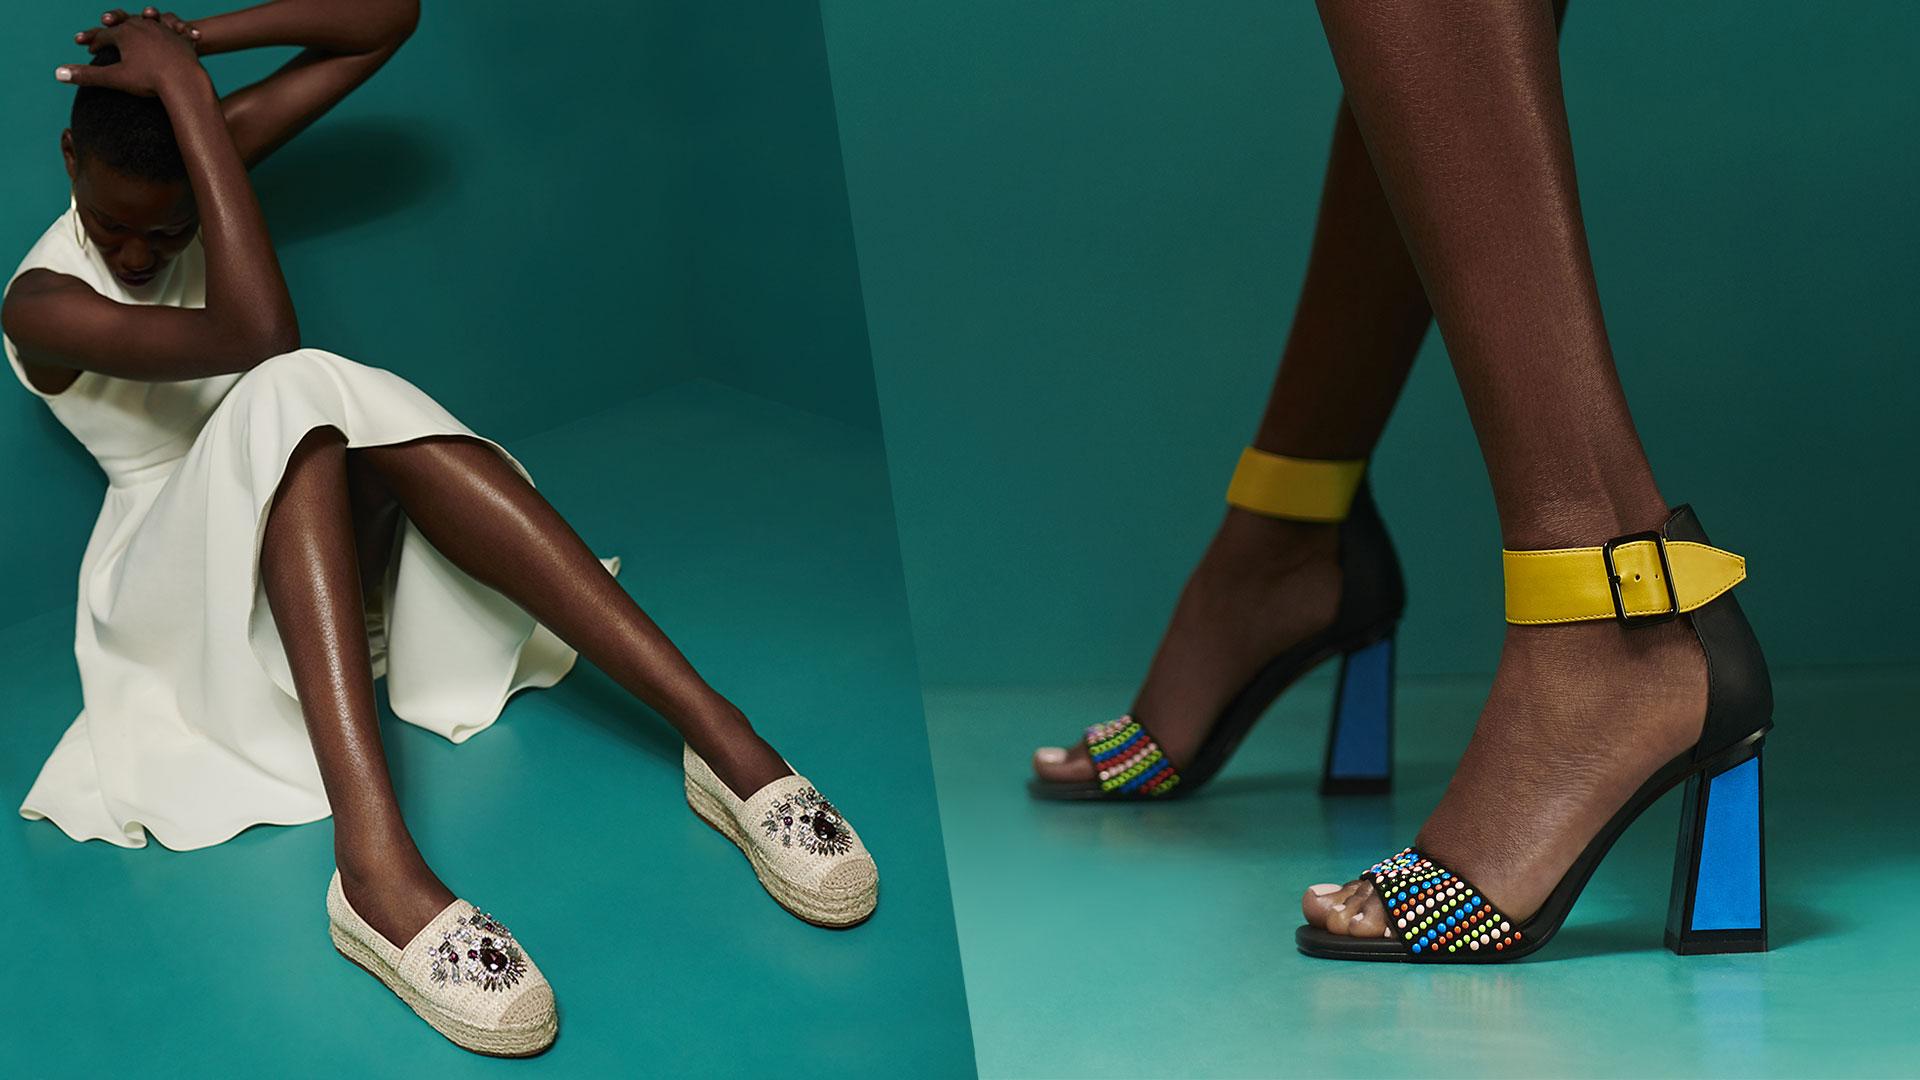 603f320c Tienda de zapatos de mujer online Exe Shoes - Comprar zapatos online